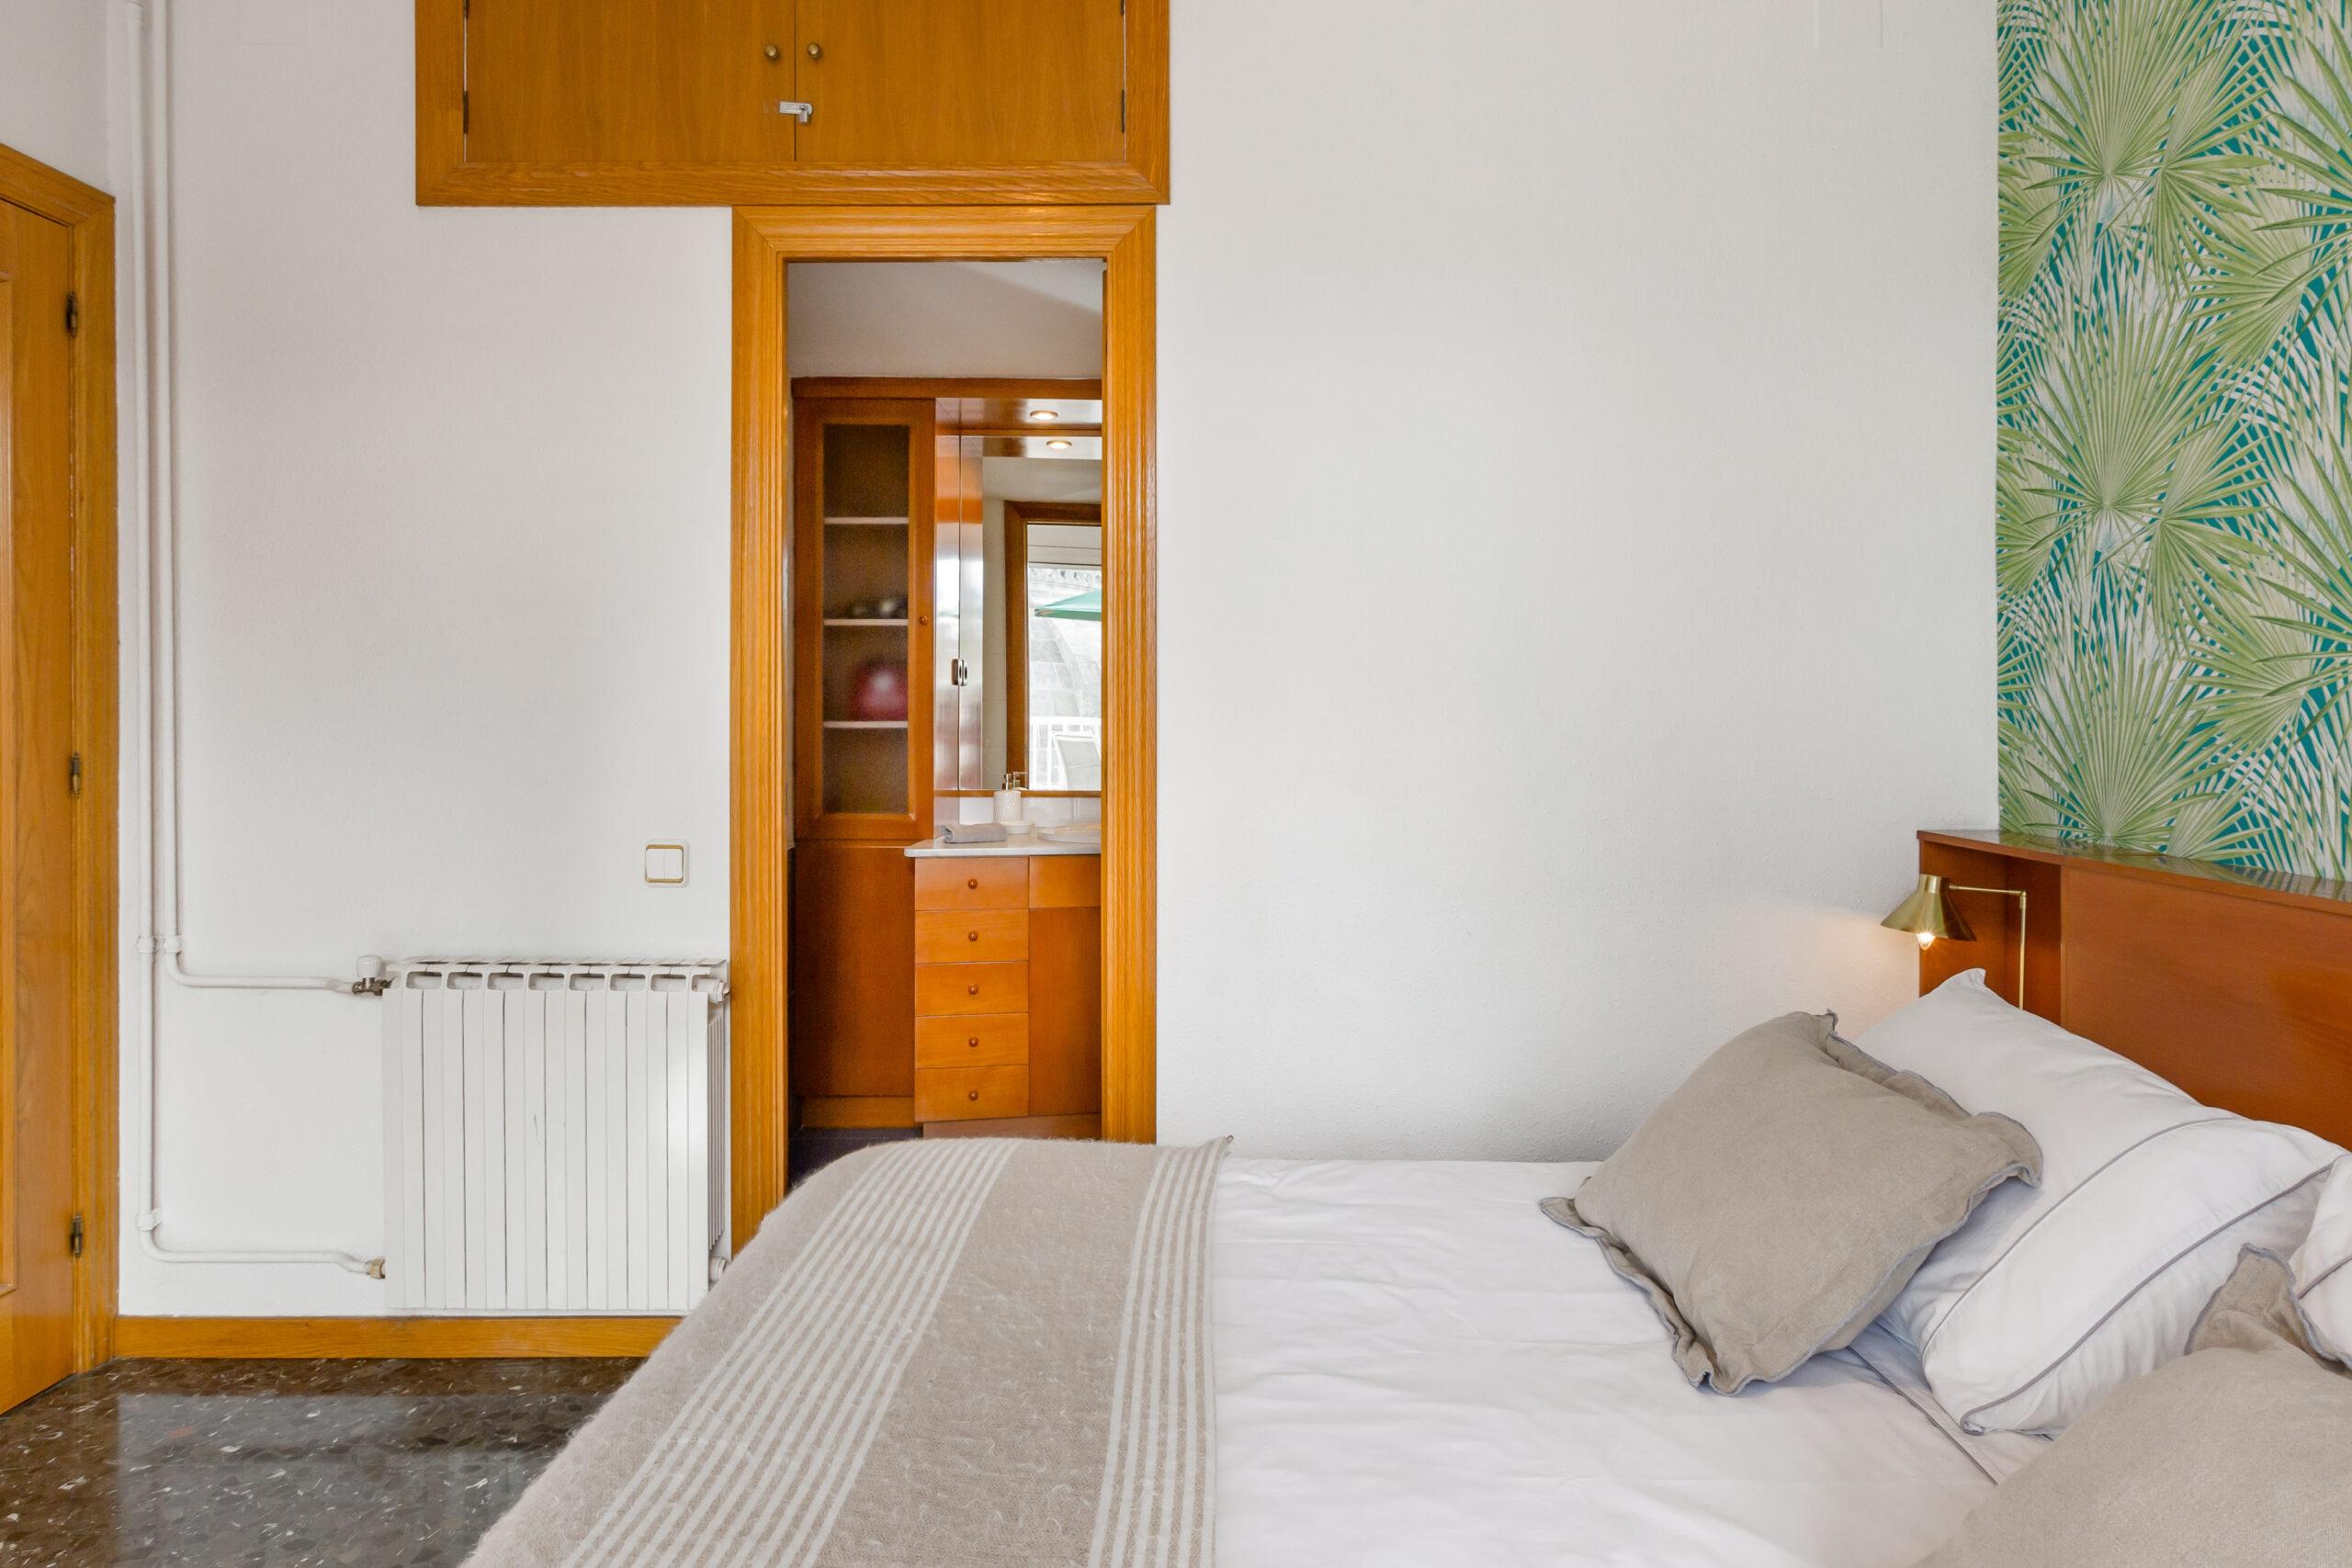 Full Size of Cocoon Küchen Picasso Terrace By Cobarcelona Wohnungen Zur Miete In Regal Wohnzimmer Cocoon Küchen